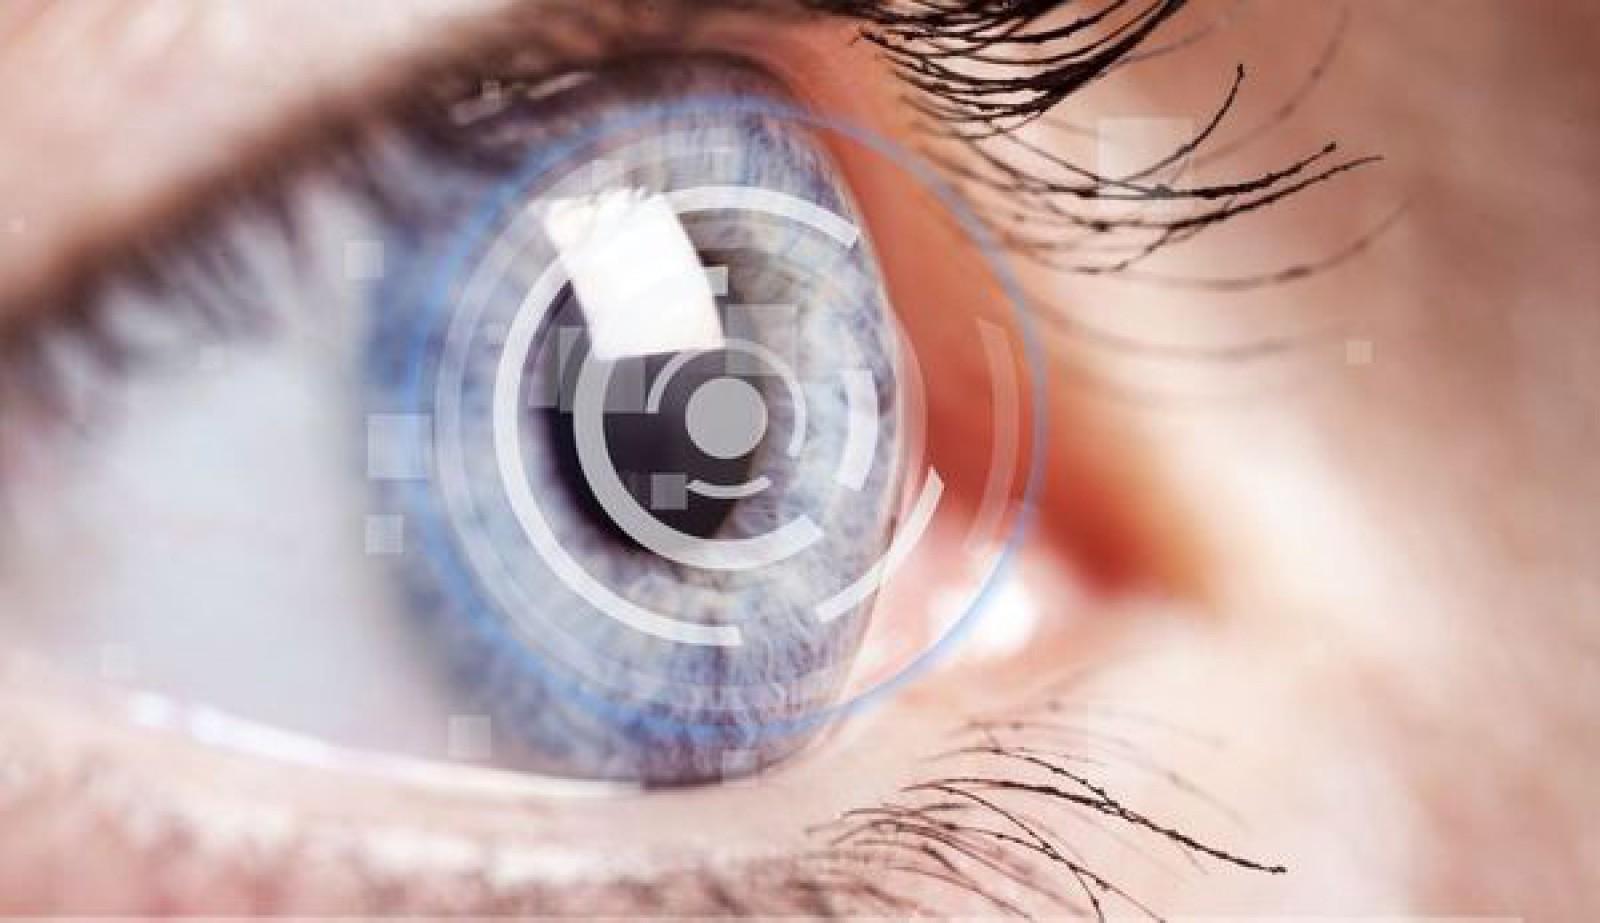 (video) A fost creată inteligenţa artificială ce îţi poate determina personalitatea doar prin modul în care îţi mişti ochii